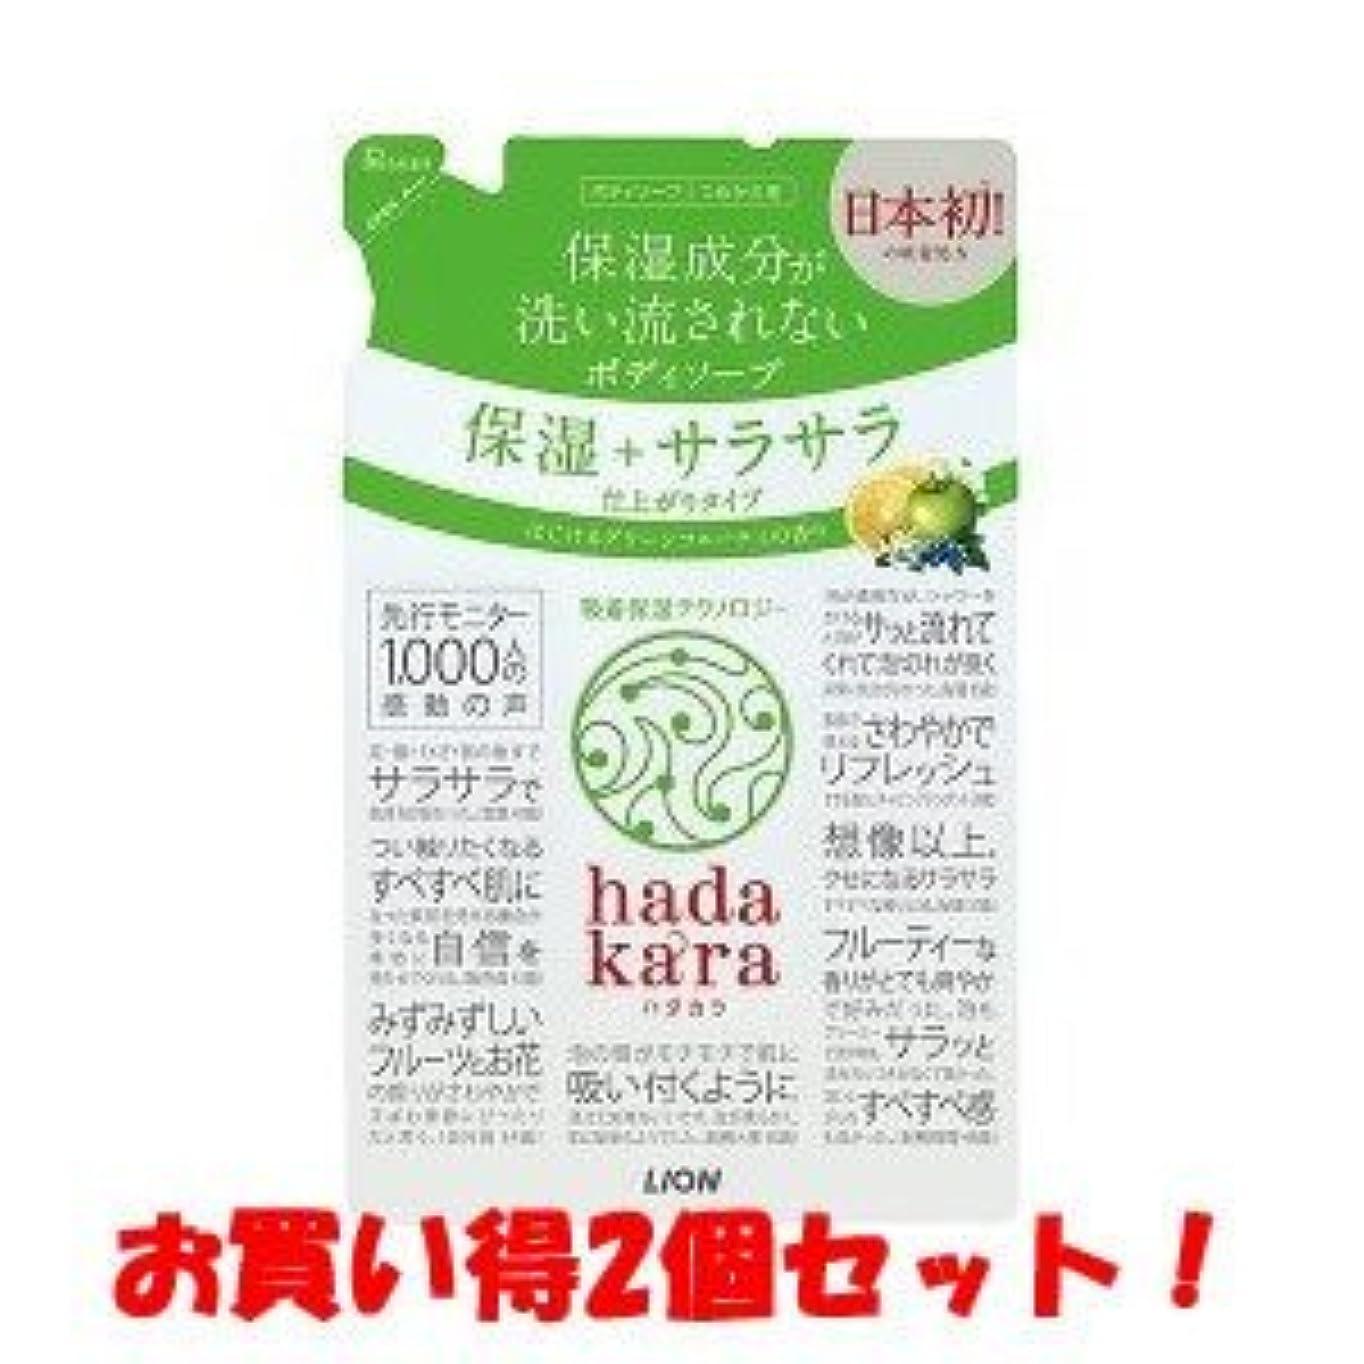 手術自転車知り合い(2017年新商品)(ライオン)hadakara(ハダカラ) ボディソープ 保湿+サラサラ仕上がりタイプ グリーンフルーティの香り つめかえ用 340ml(お買い得2個セット)